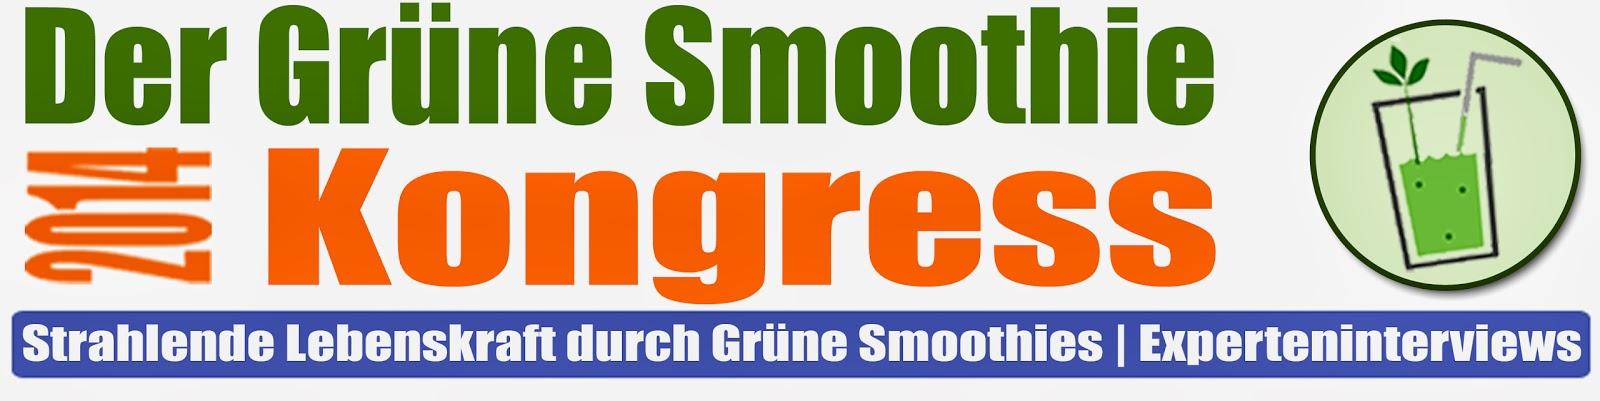 http://promo.chrvolm.35651.4259.digistore24.com